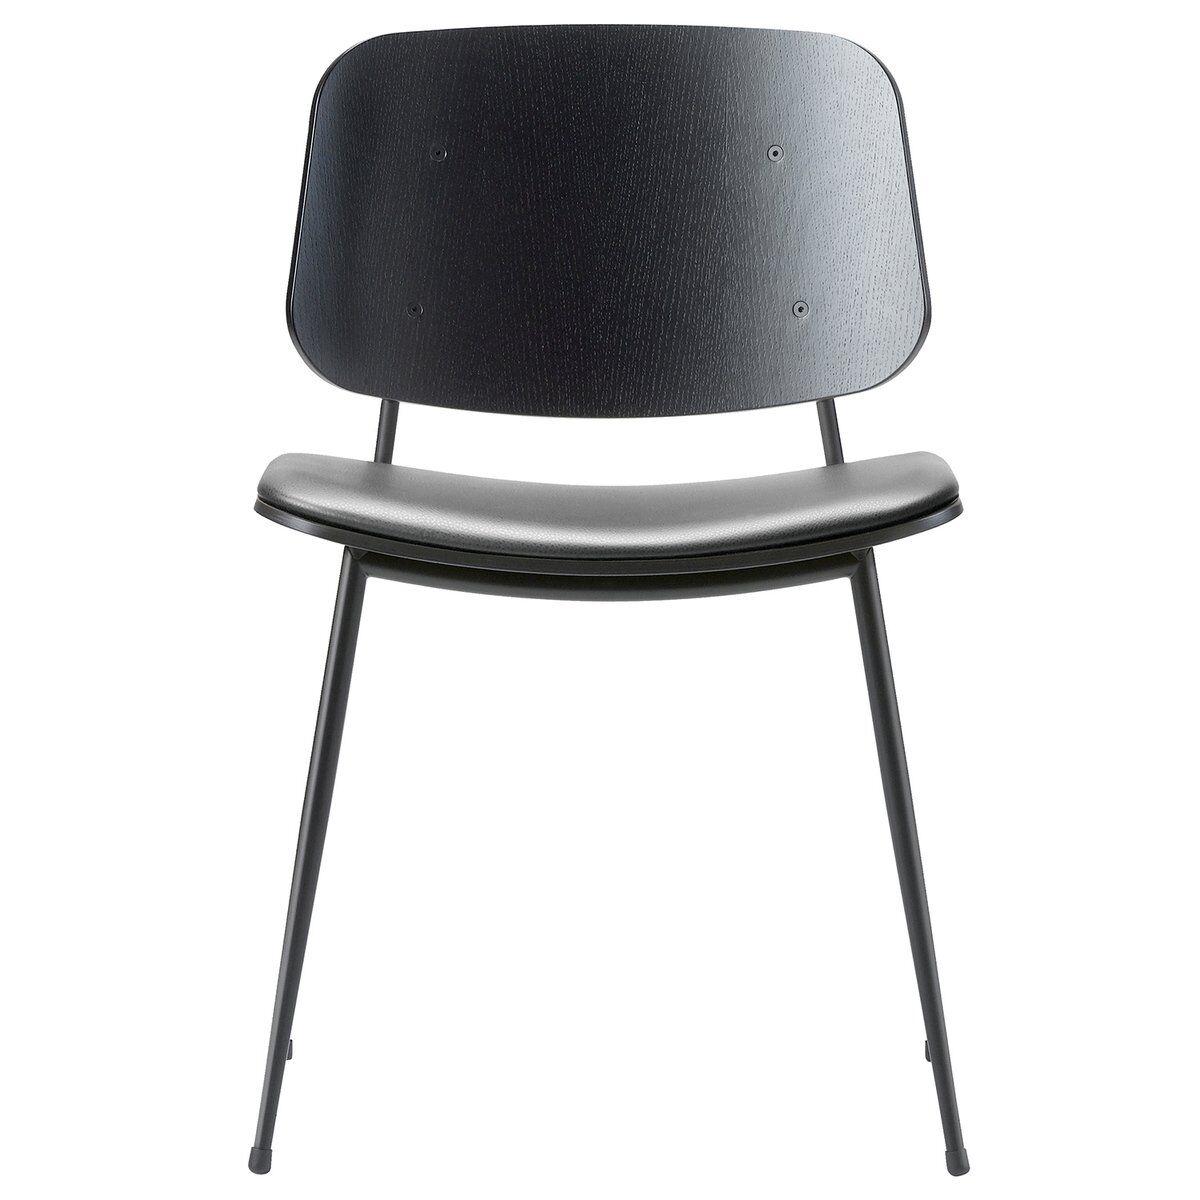 Fredericia S�borg tuoli 3061, musta ter�srunko, musta tammi - musta nahka